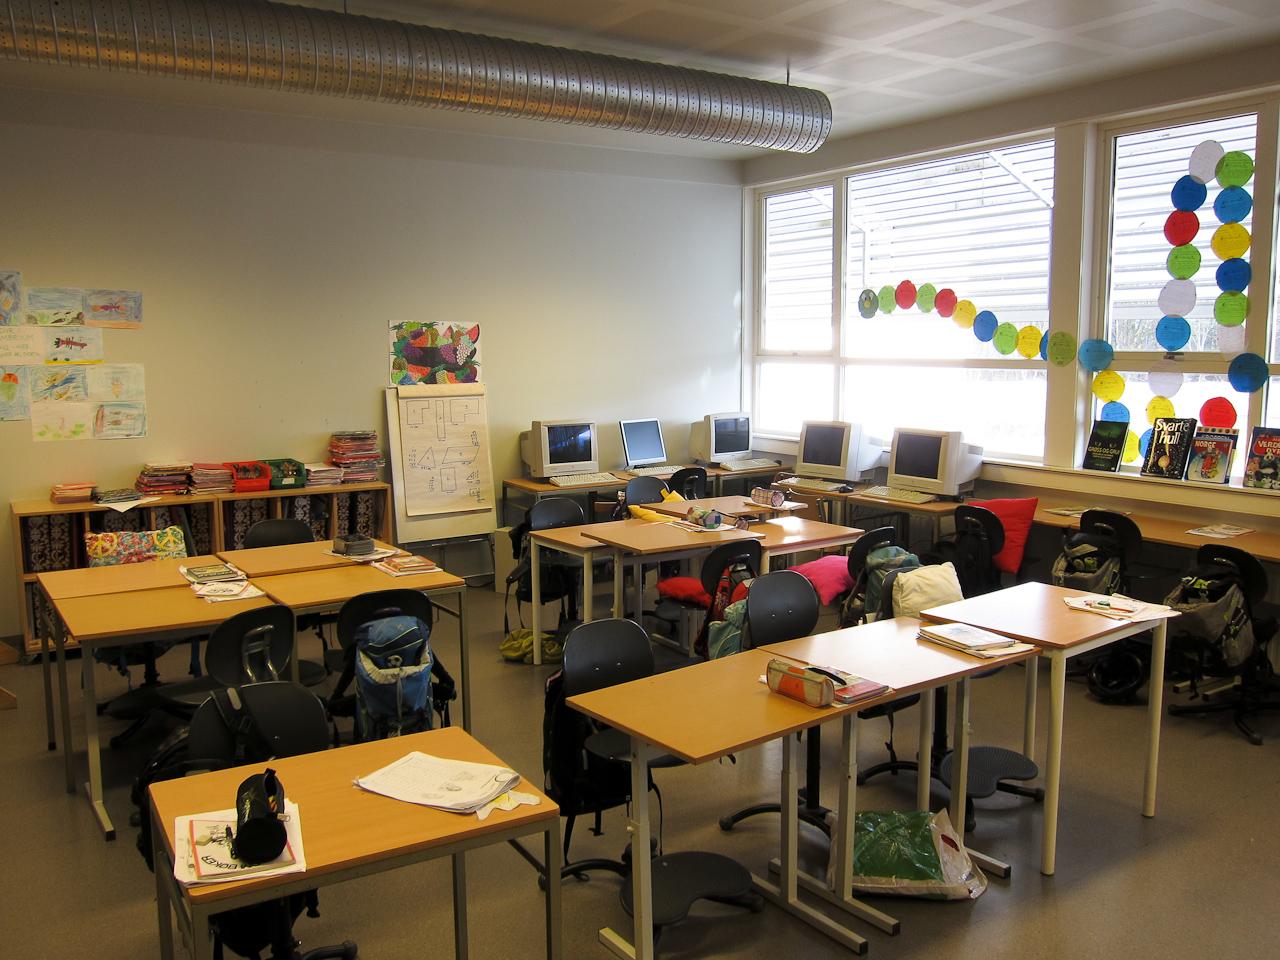 Et vanlig klasserom